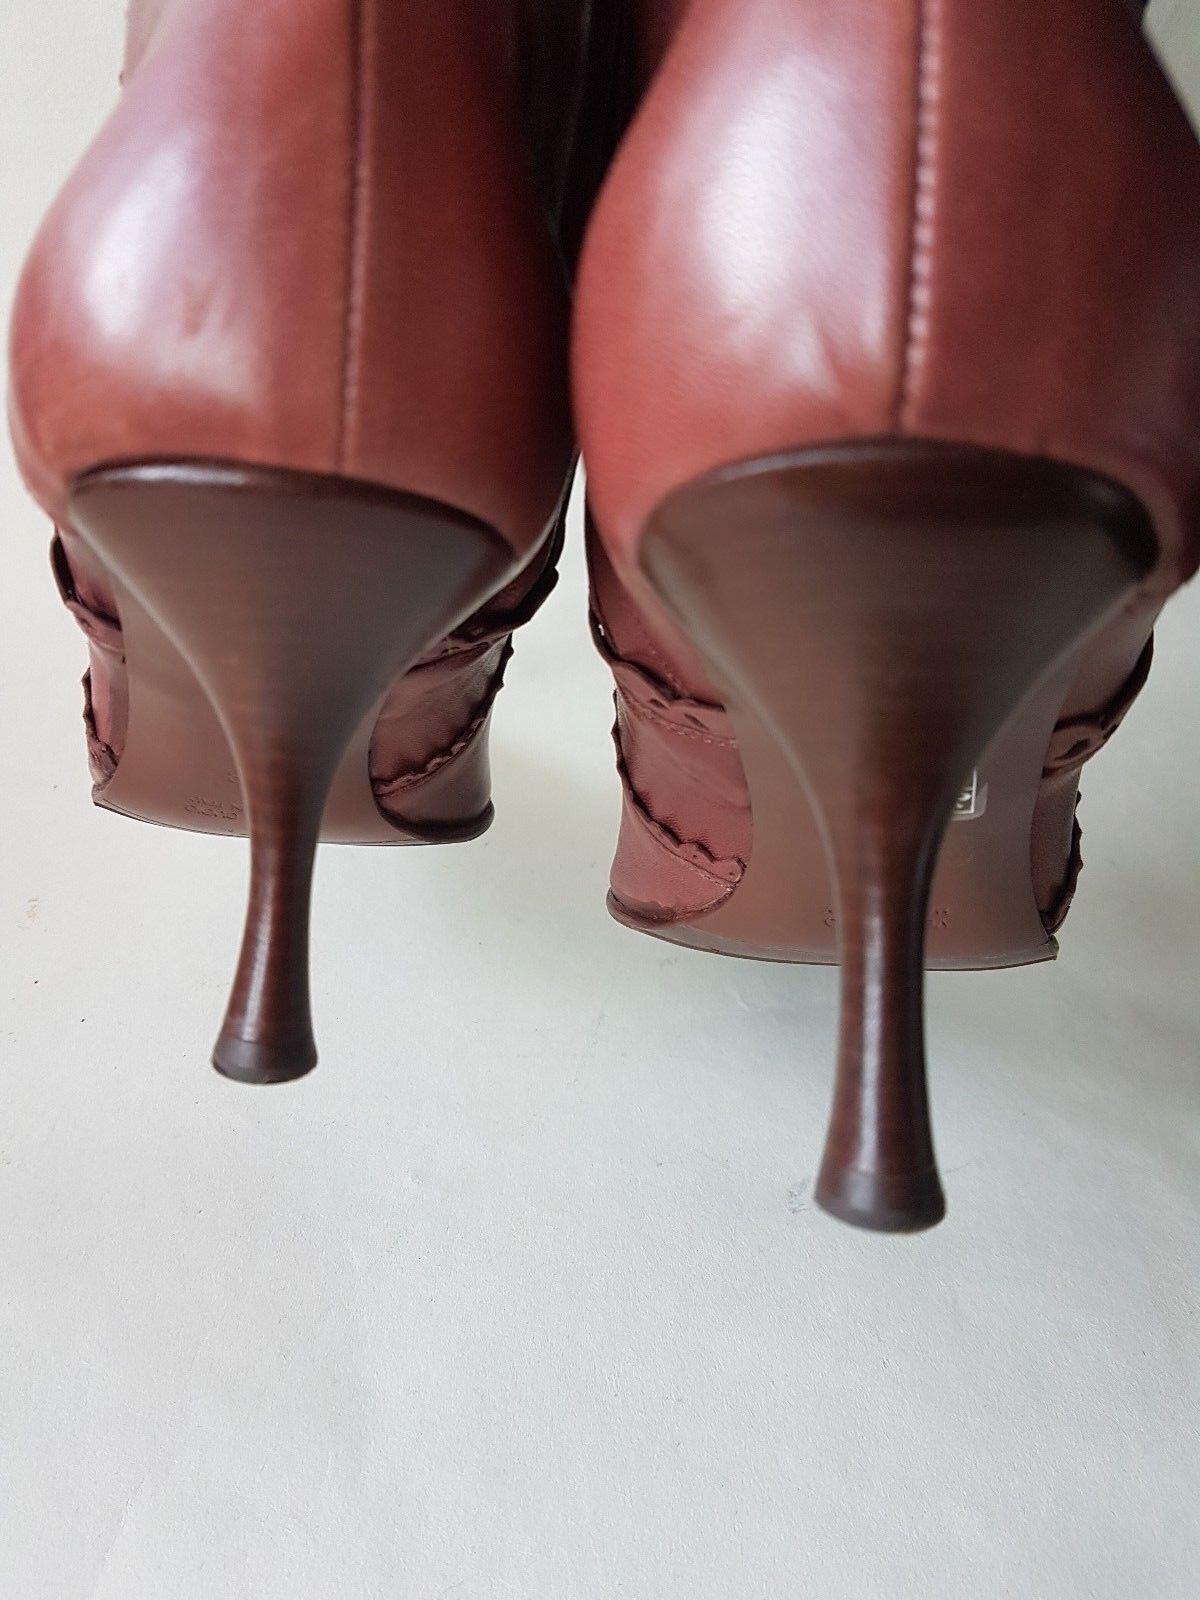 damen Escada braun Stiefelies pointy high high high heel Stiefelie Eur 38 UK 5   7ccfdc